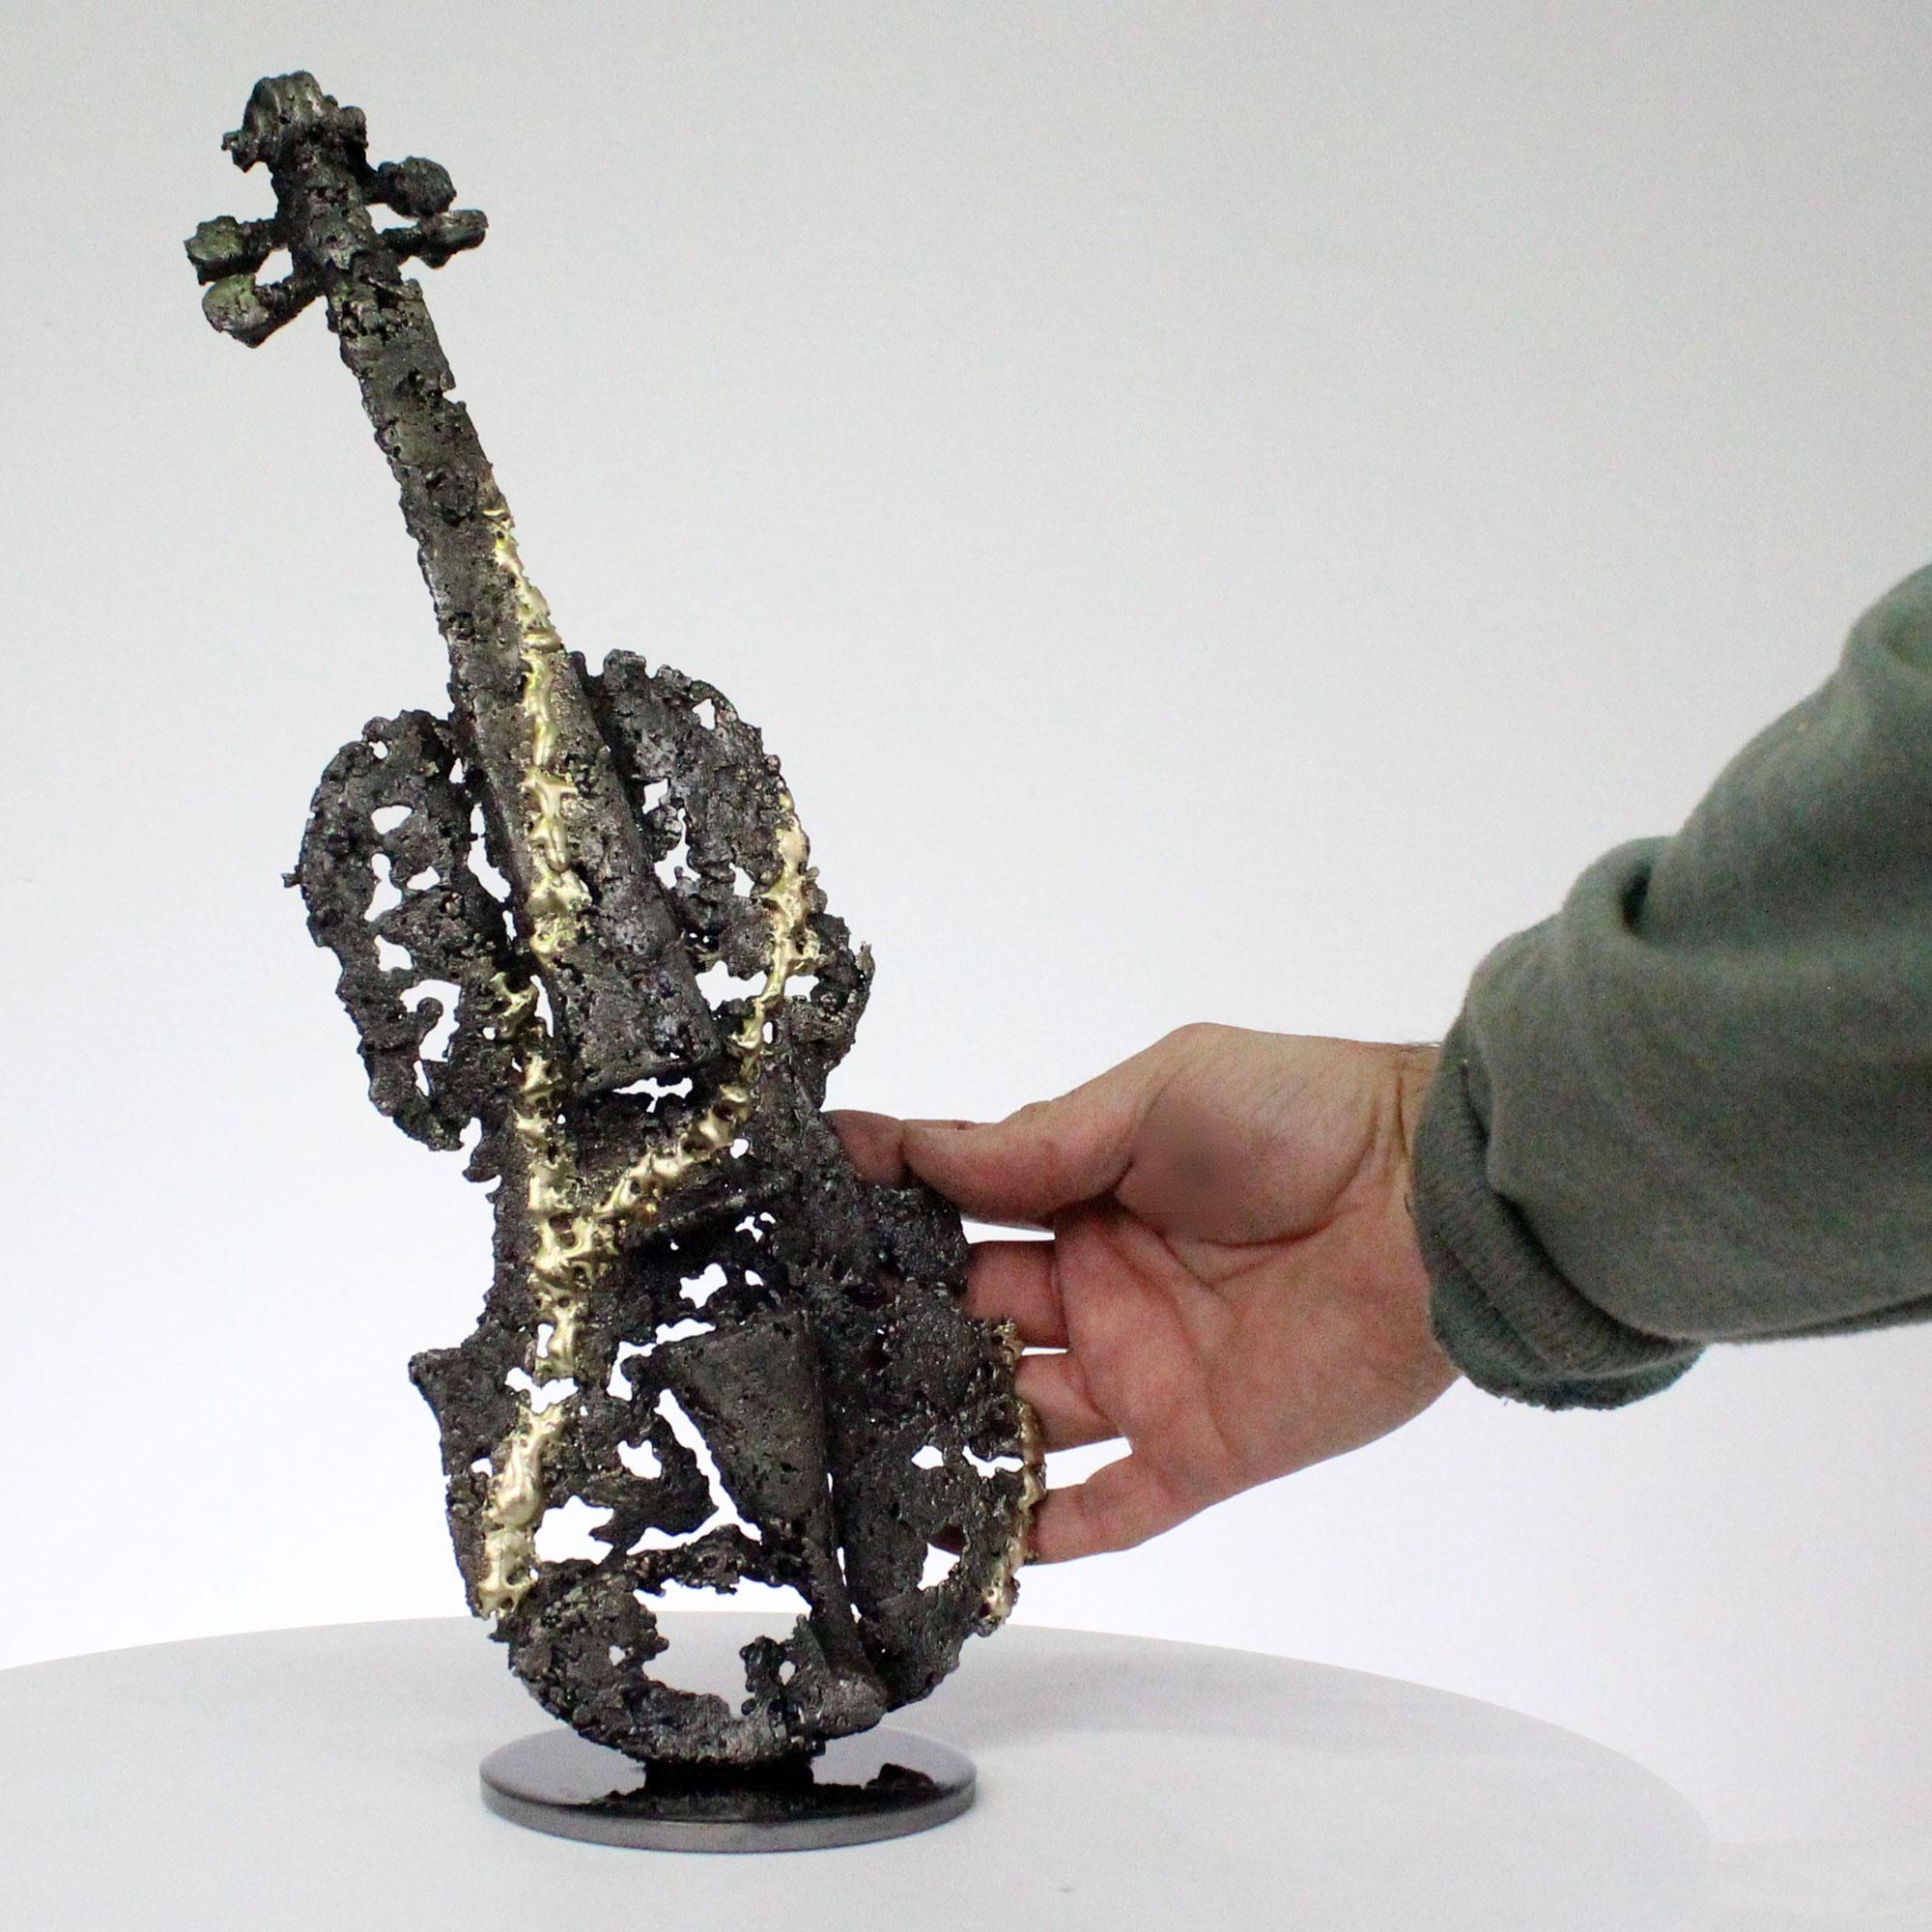 solo de violon I sculpture dentelle acier et laiton violin solo I sculpture lace steel and brass